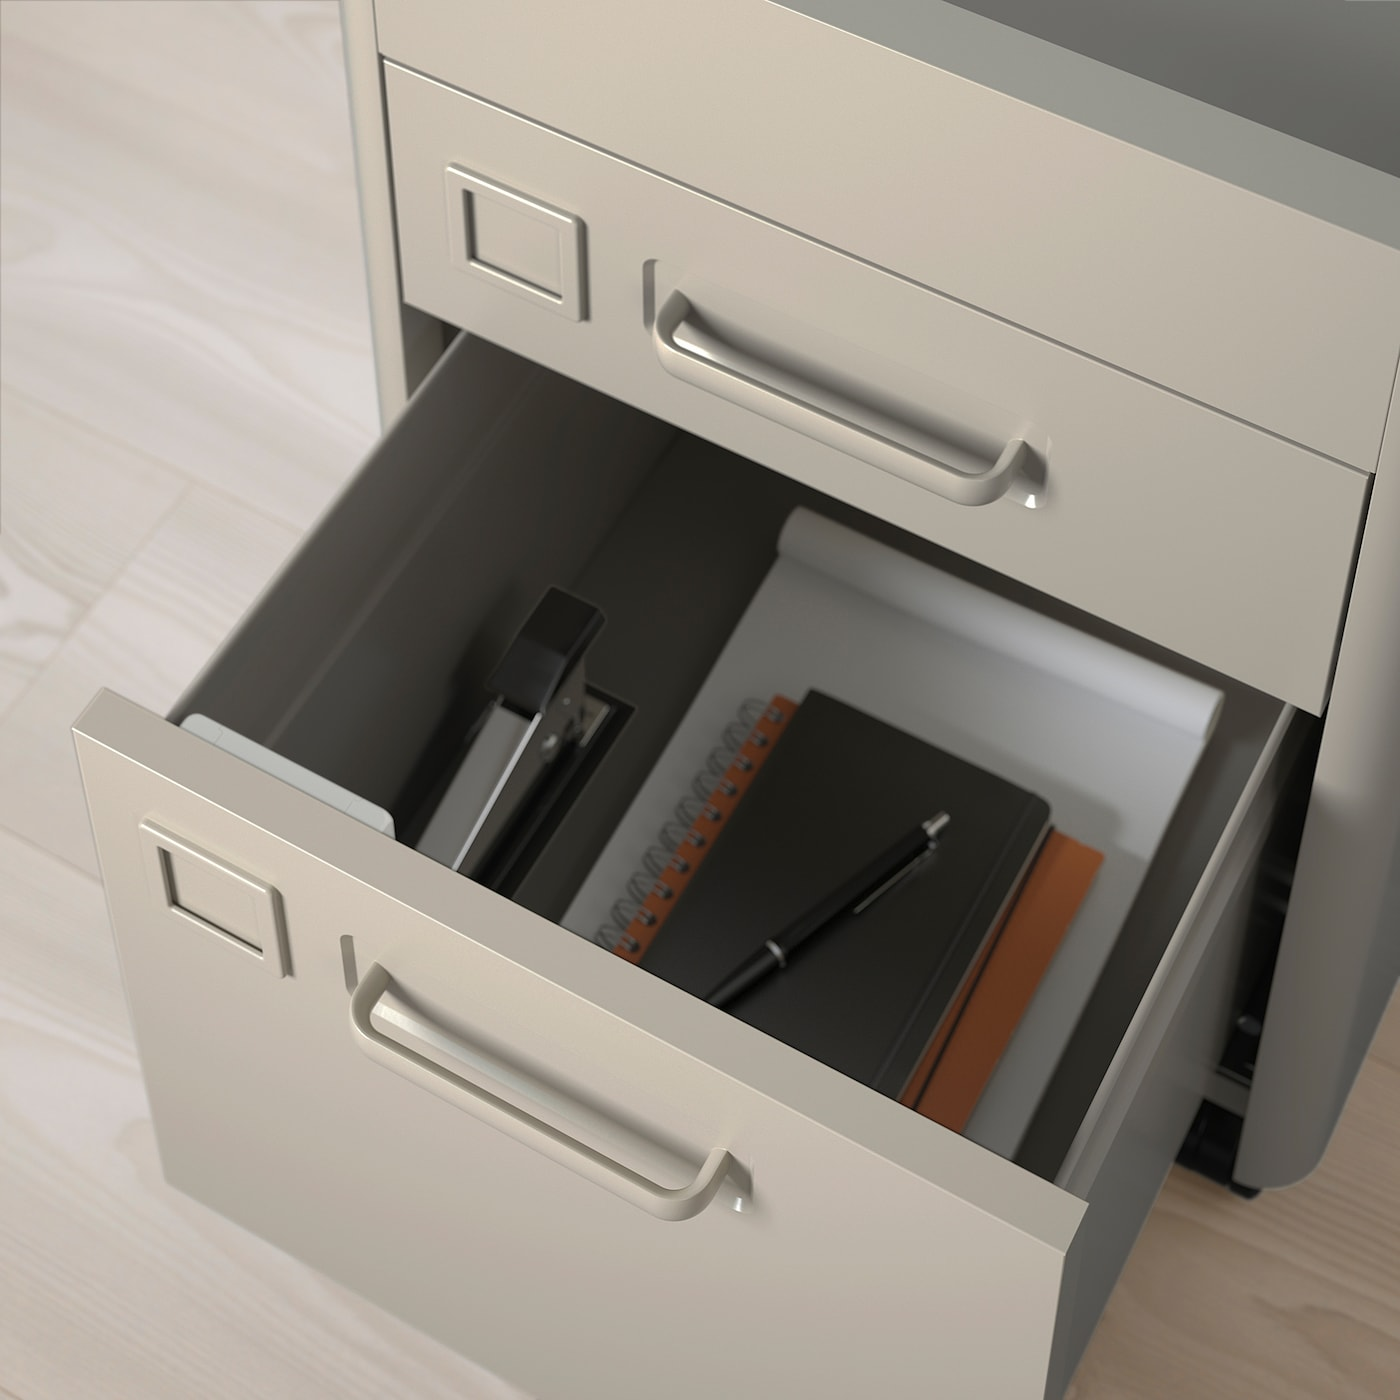 Wonderbaarlijk IDÅSEN Ladeblok met smart lock - donkergrijs - IKEA MO-17